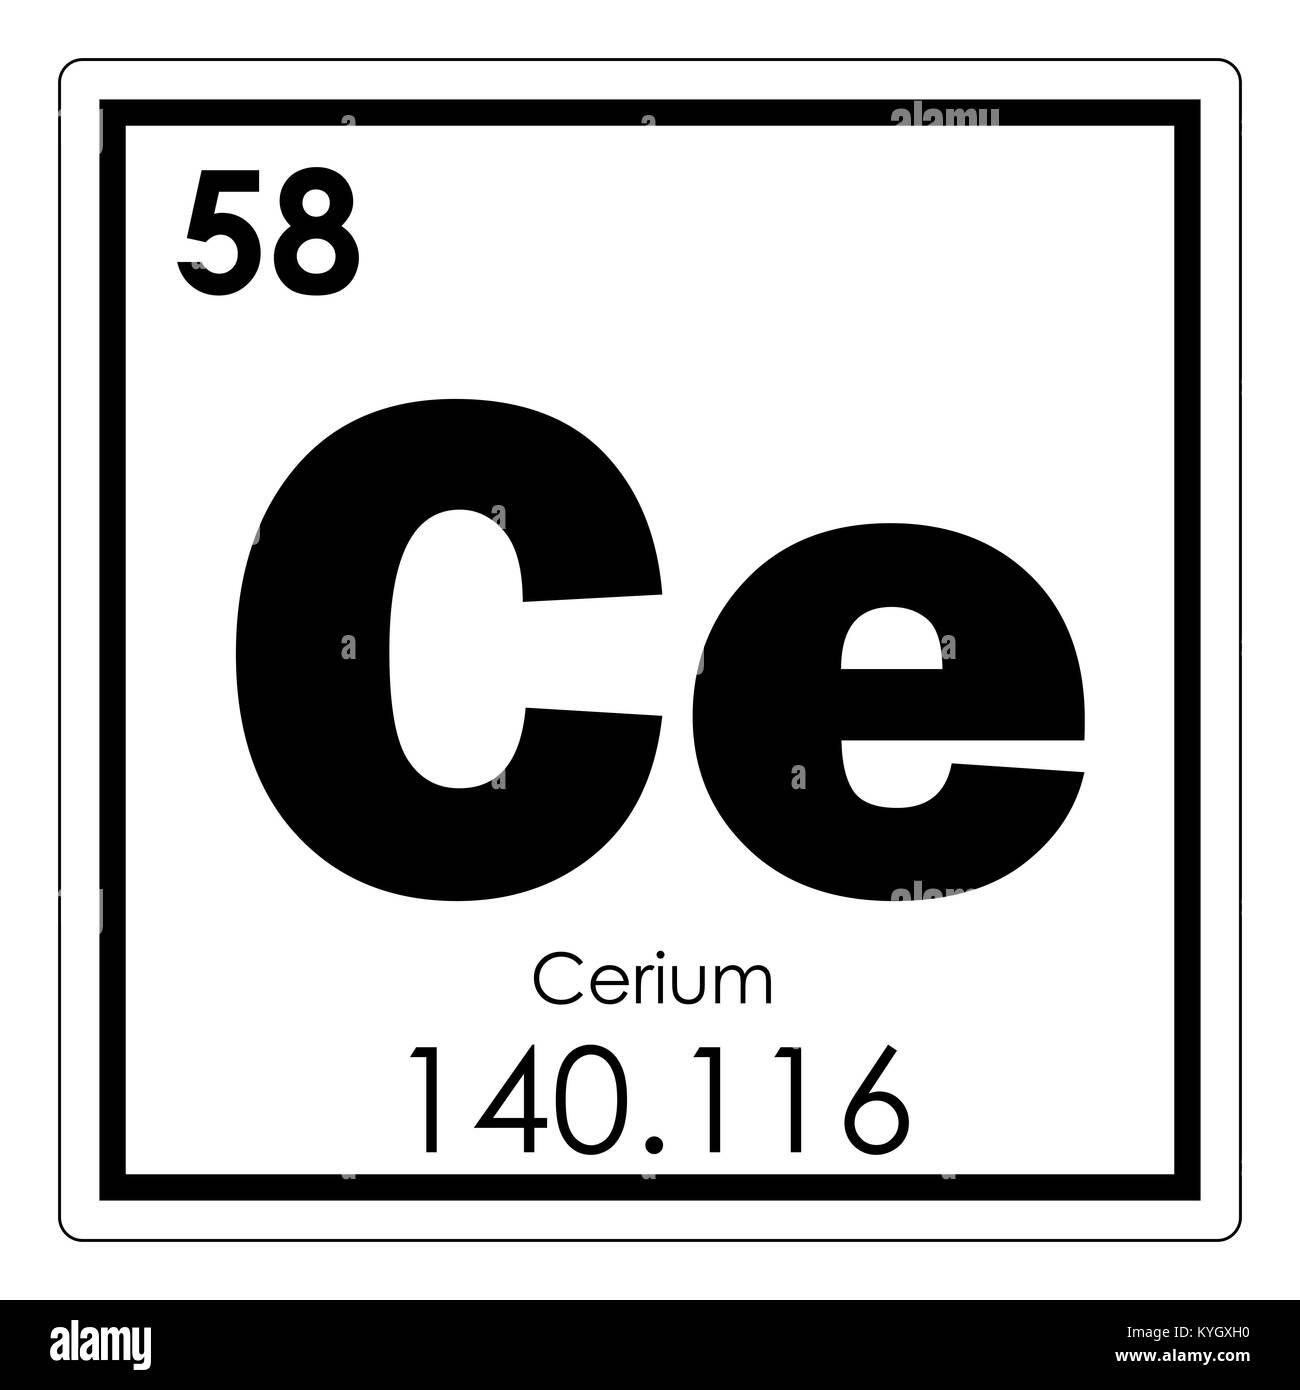 Cerium chemical element periodic table science symbol stock photo cerium chemical element periodic table science symbol urtaz Images